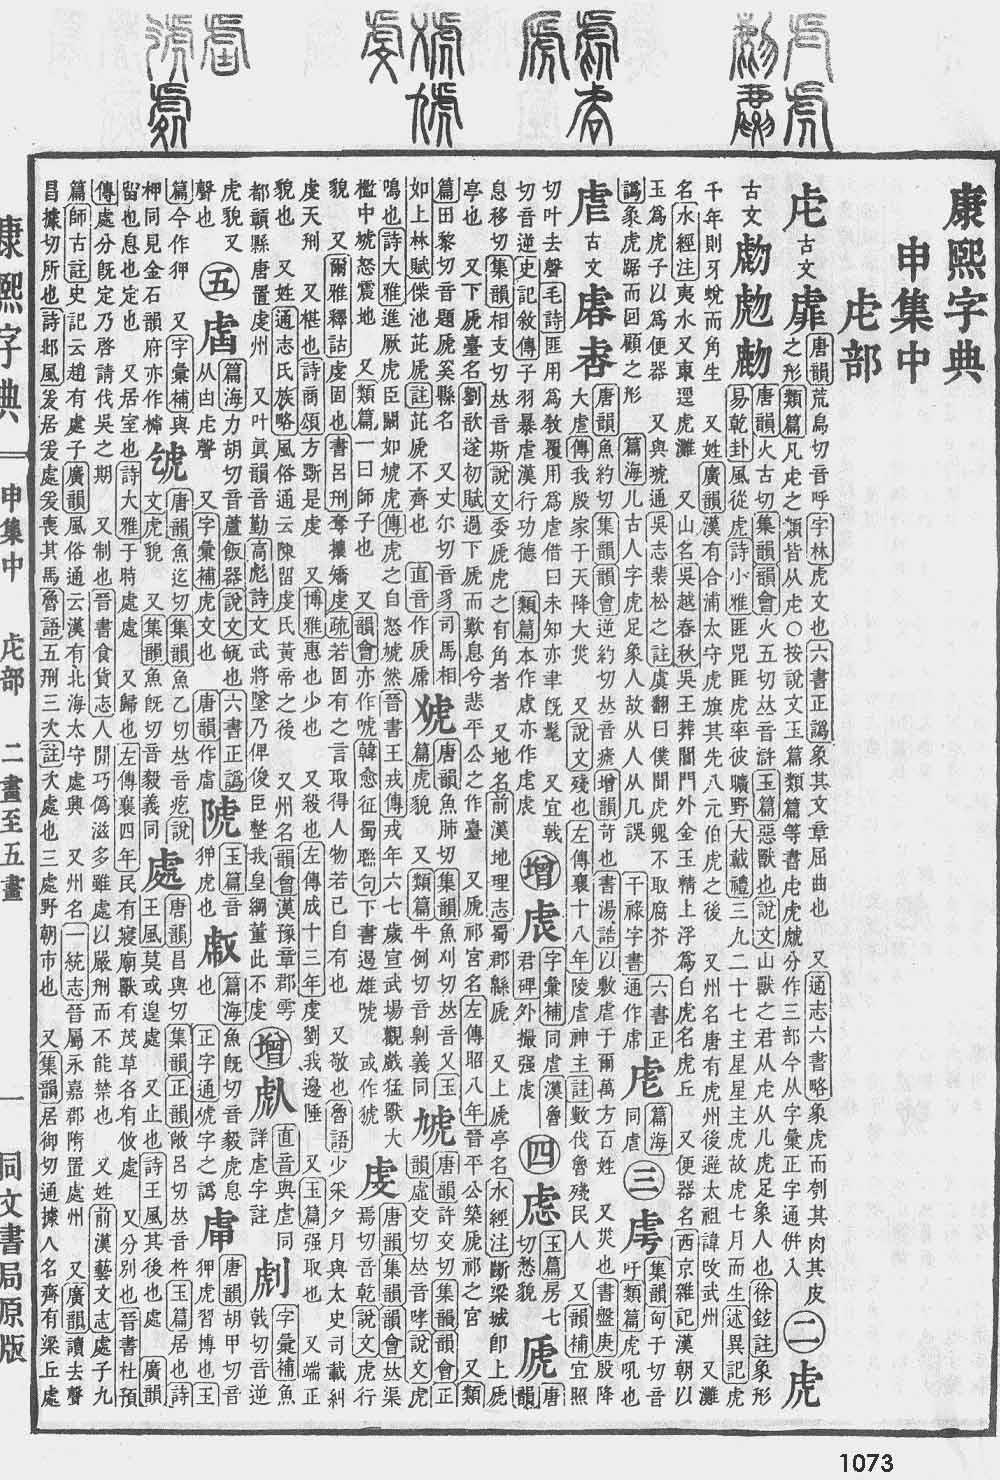 《康熙字典》第1073页